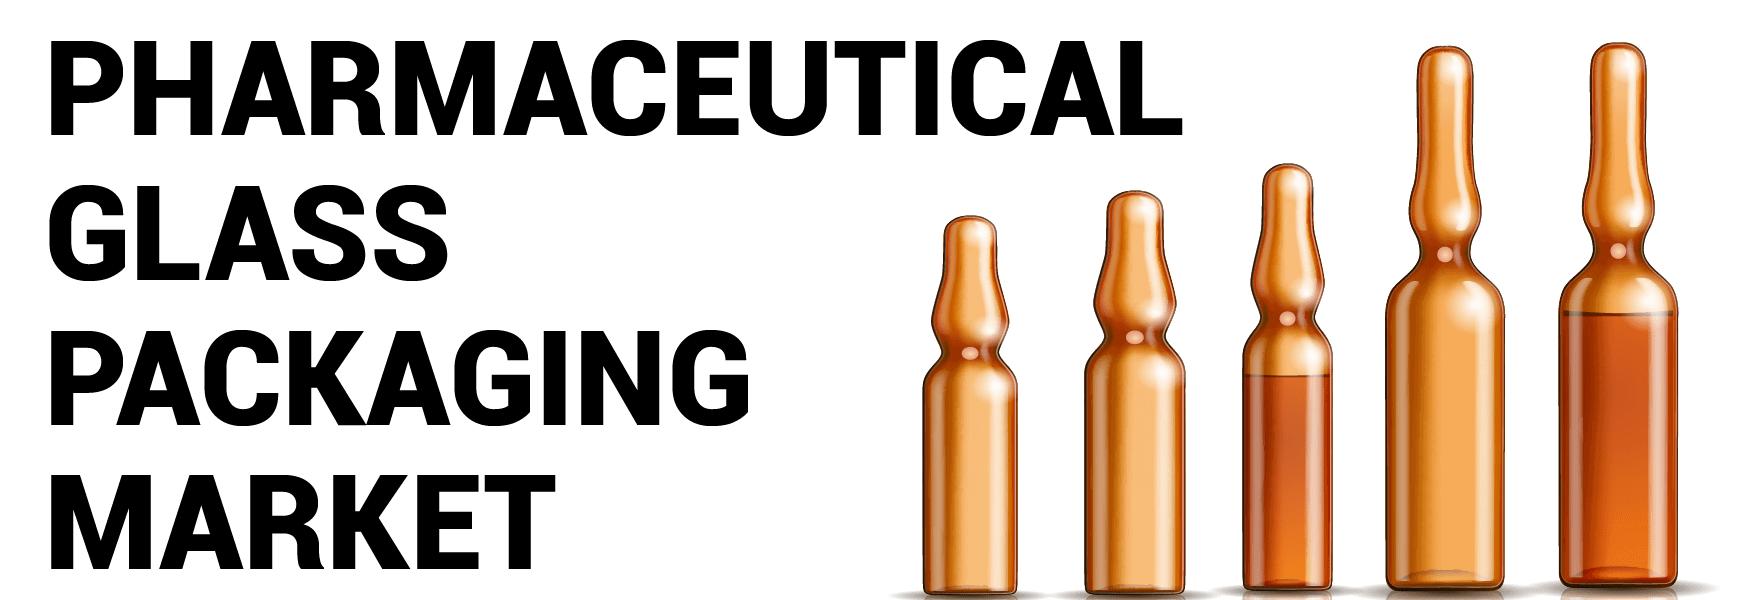 Pharmaceutical Glass Packaging Market